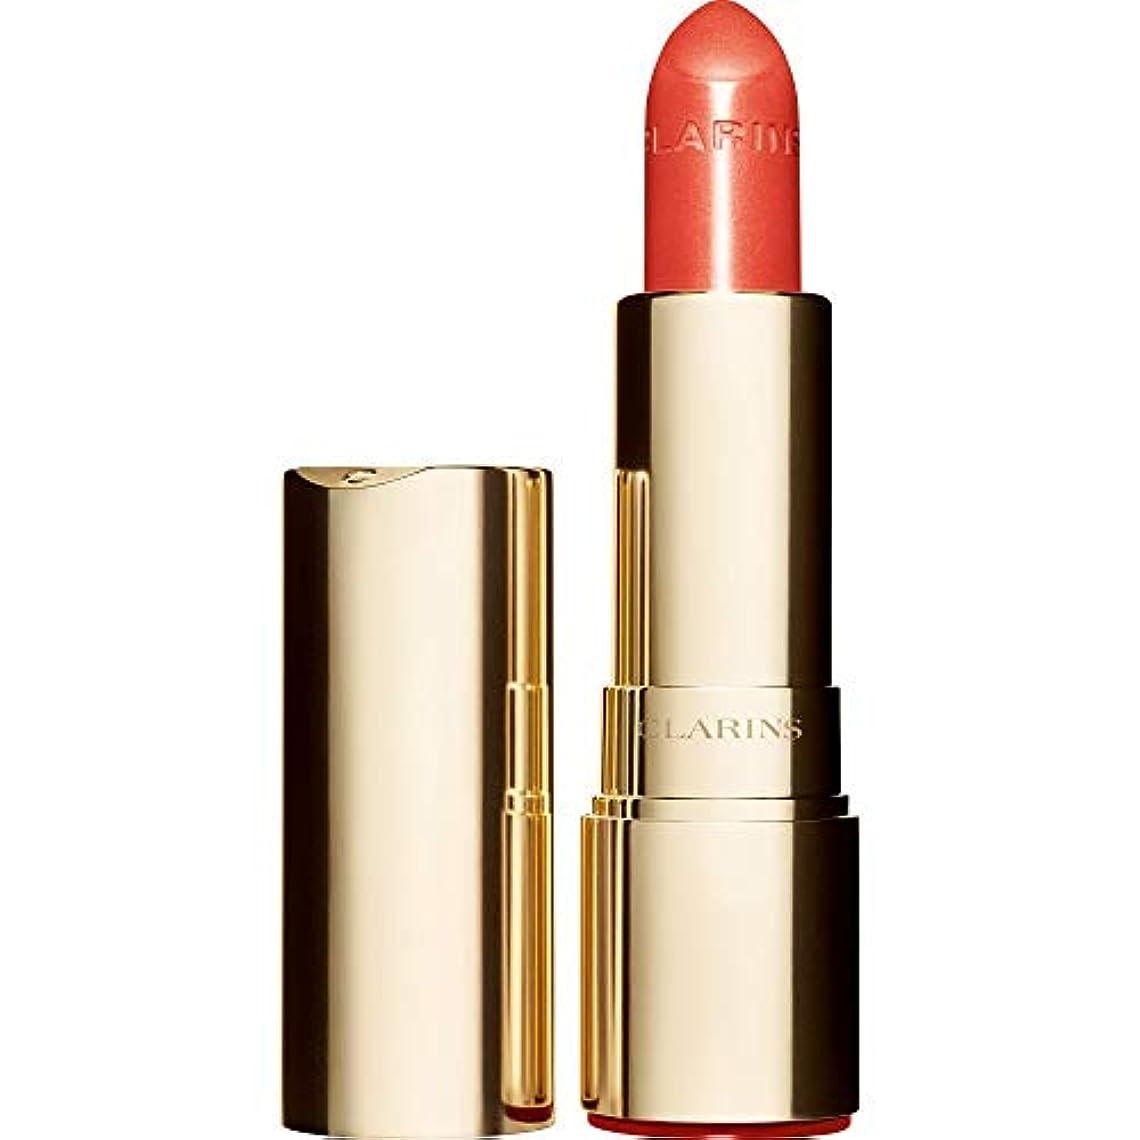 半導体橋脚司書[Clarins ] クラランスジョリルージュブリリアント口紅3.5グラムの711S - パパイヤ - Clarins Joli Rouge Brillant Lipstick 3.5g 711S - Papaya [並行輸入品]